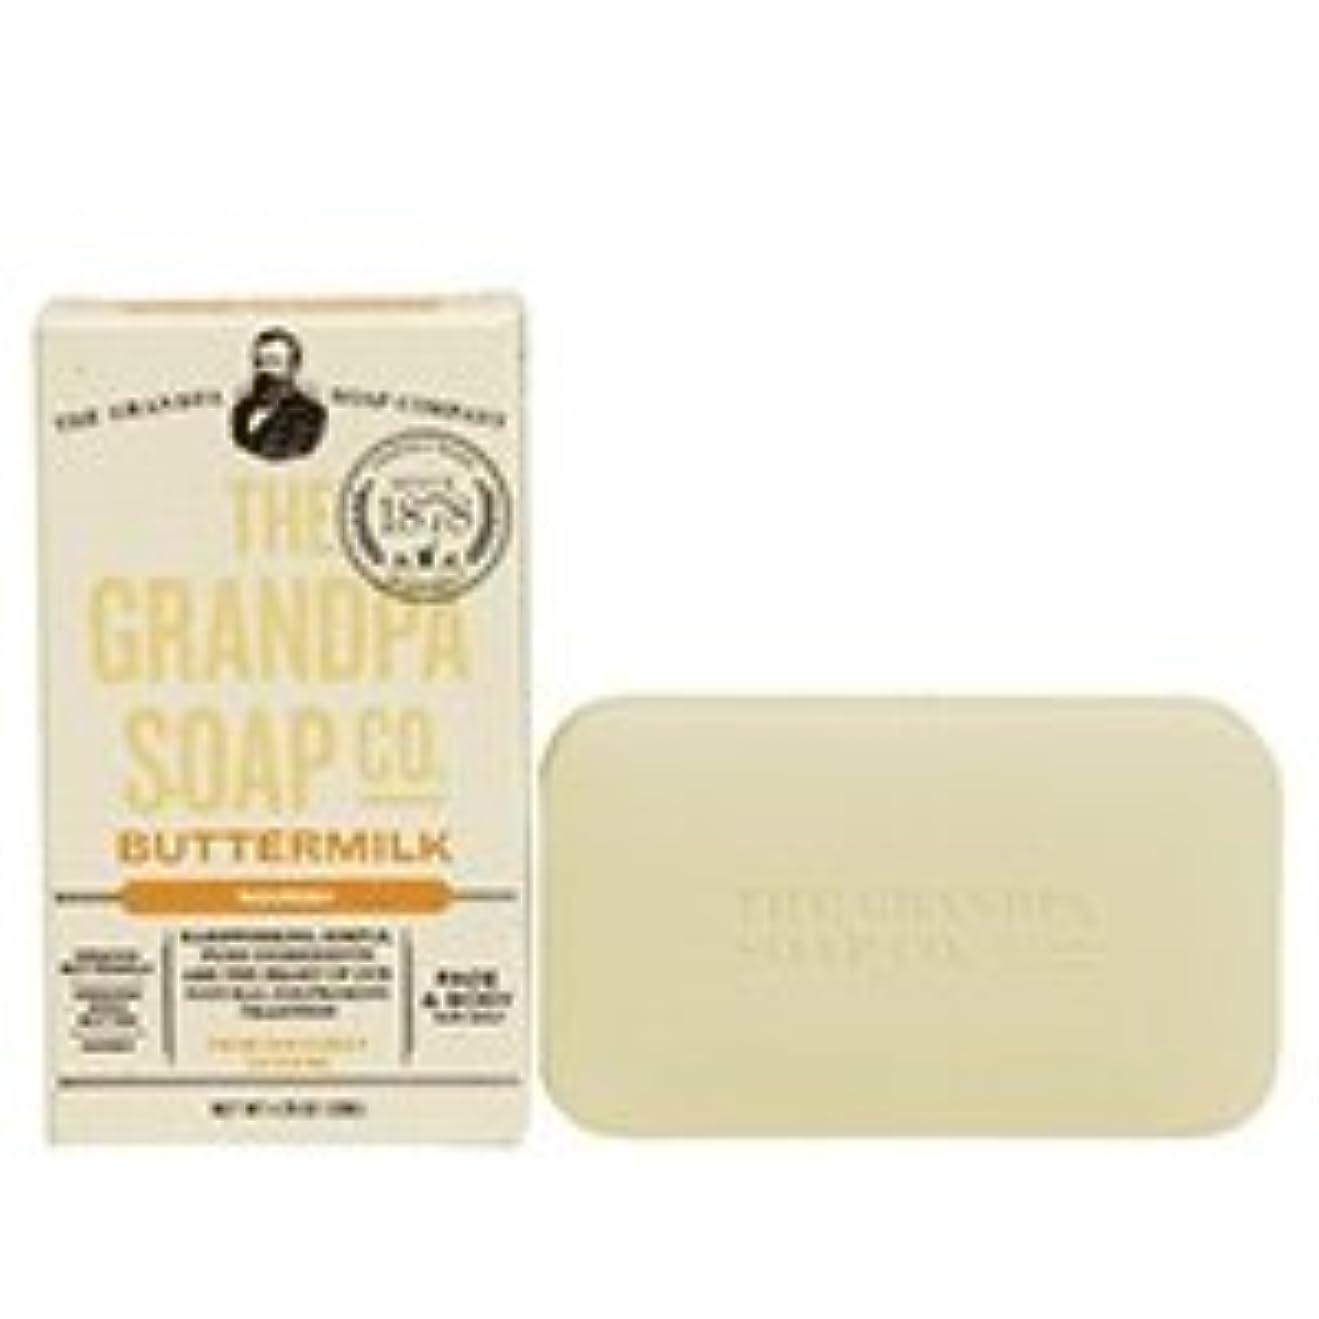 高原英語の授業があります差し控えるグランパ バターミルクナリッシュソープ 3.25oz(約92g)3個